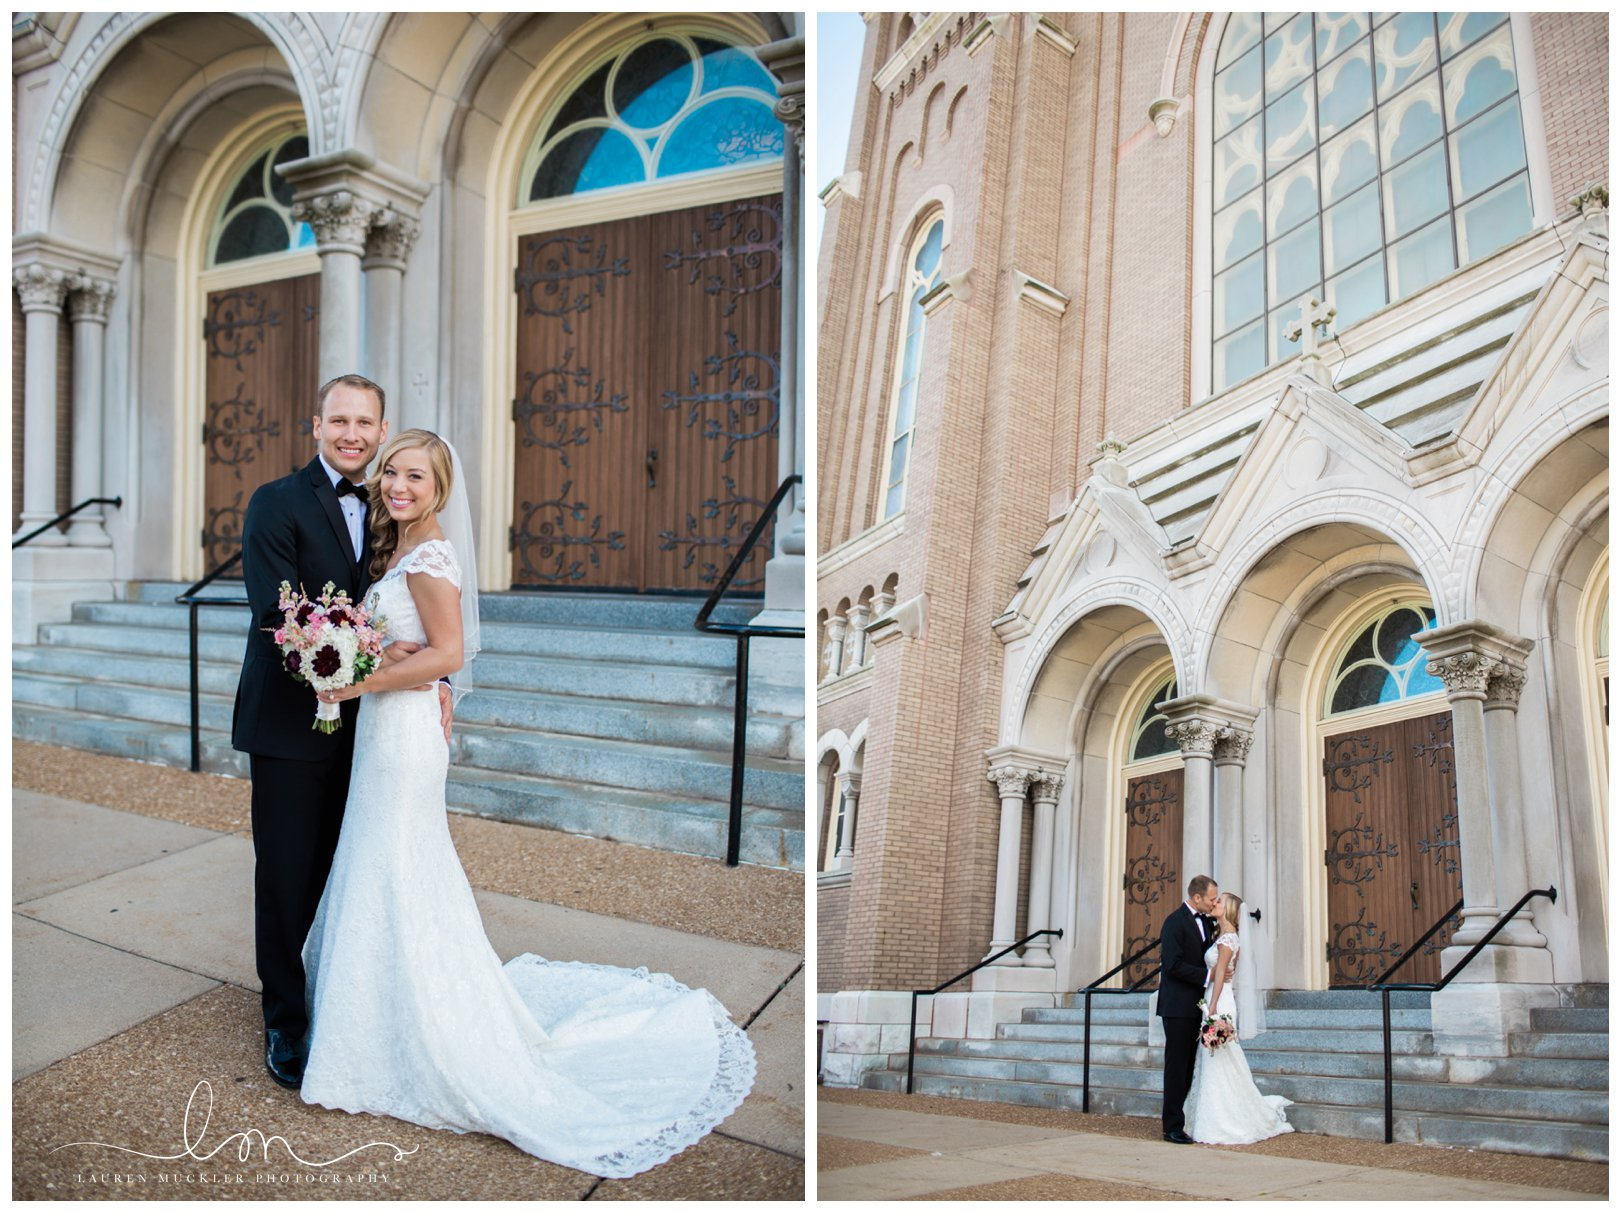 lauren muckler photography_fine art film wedding photography_st louis_photography_0813.jpg